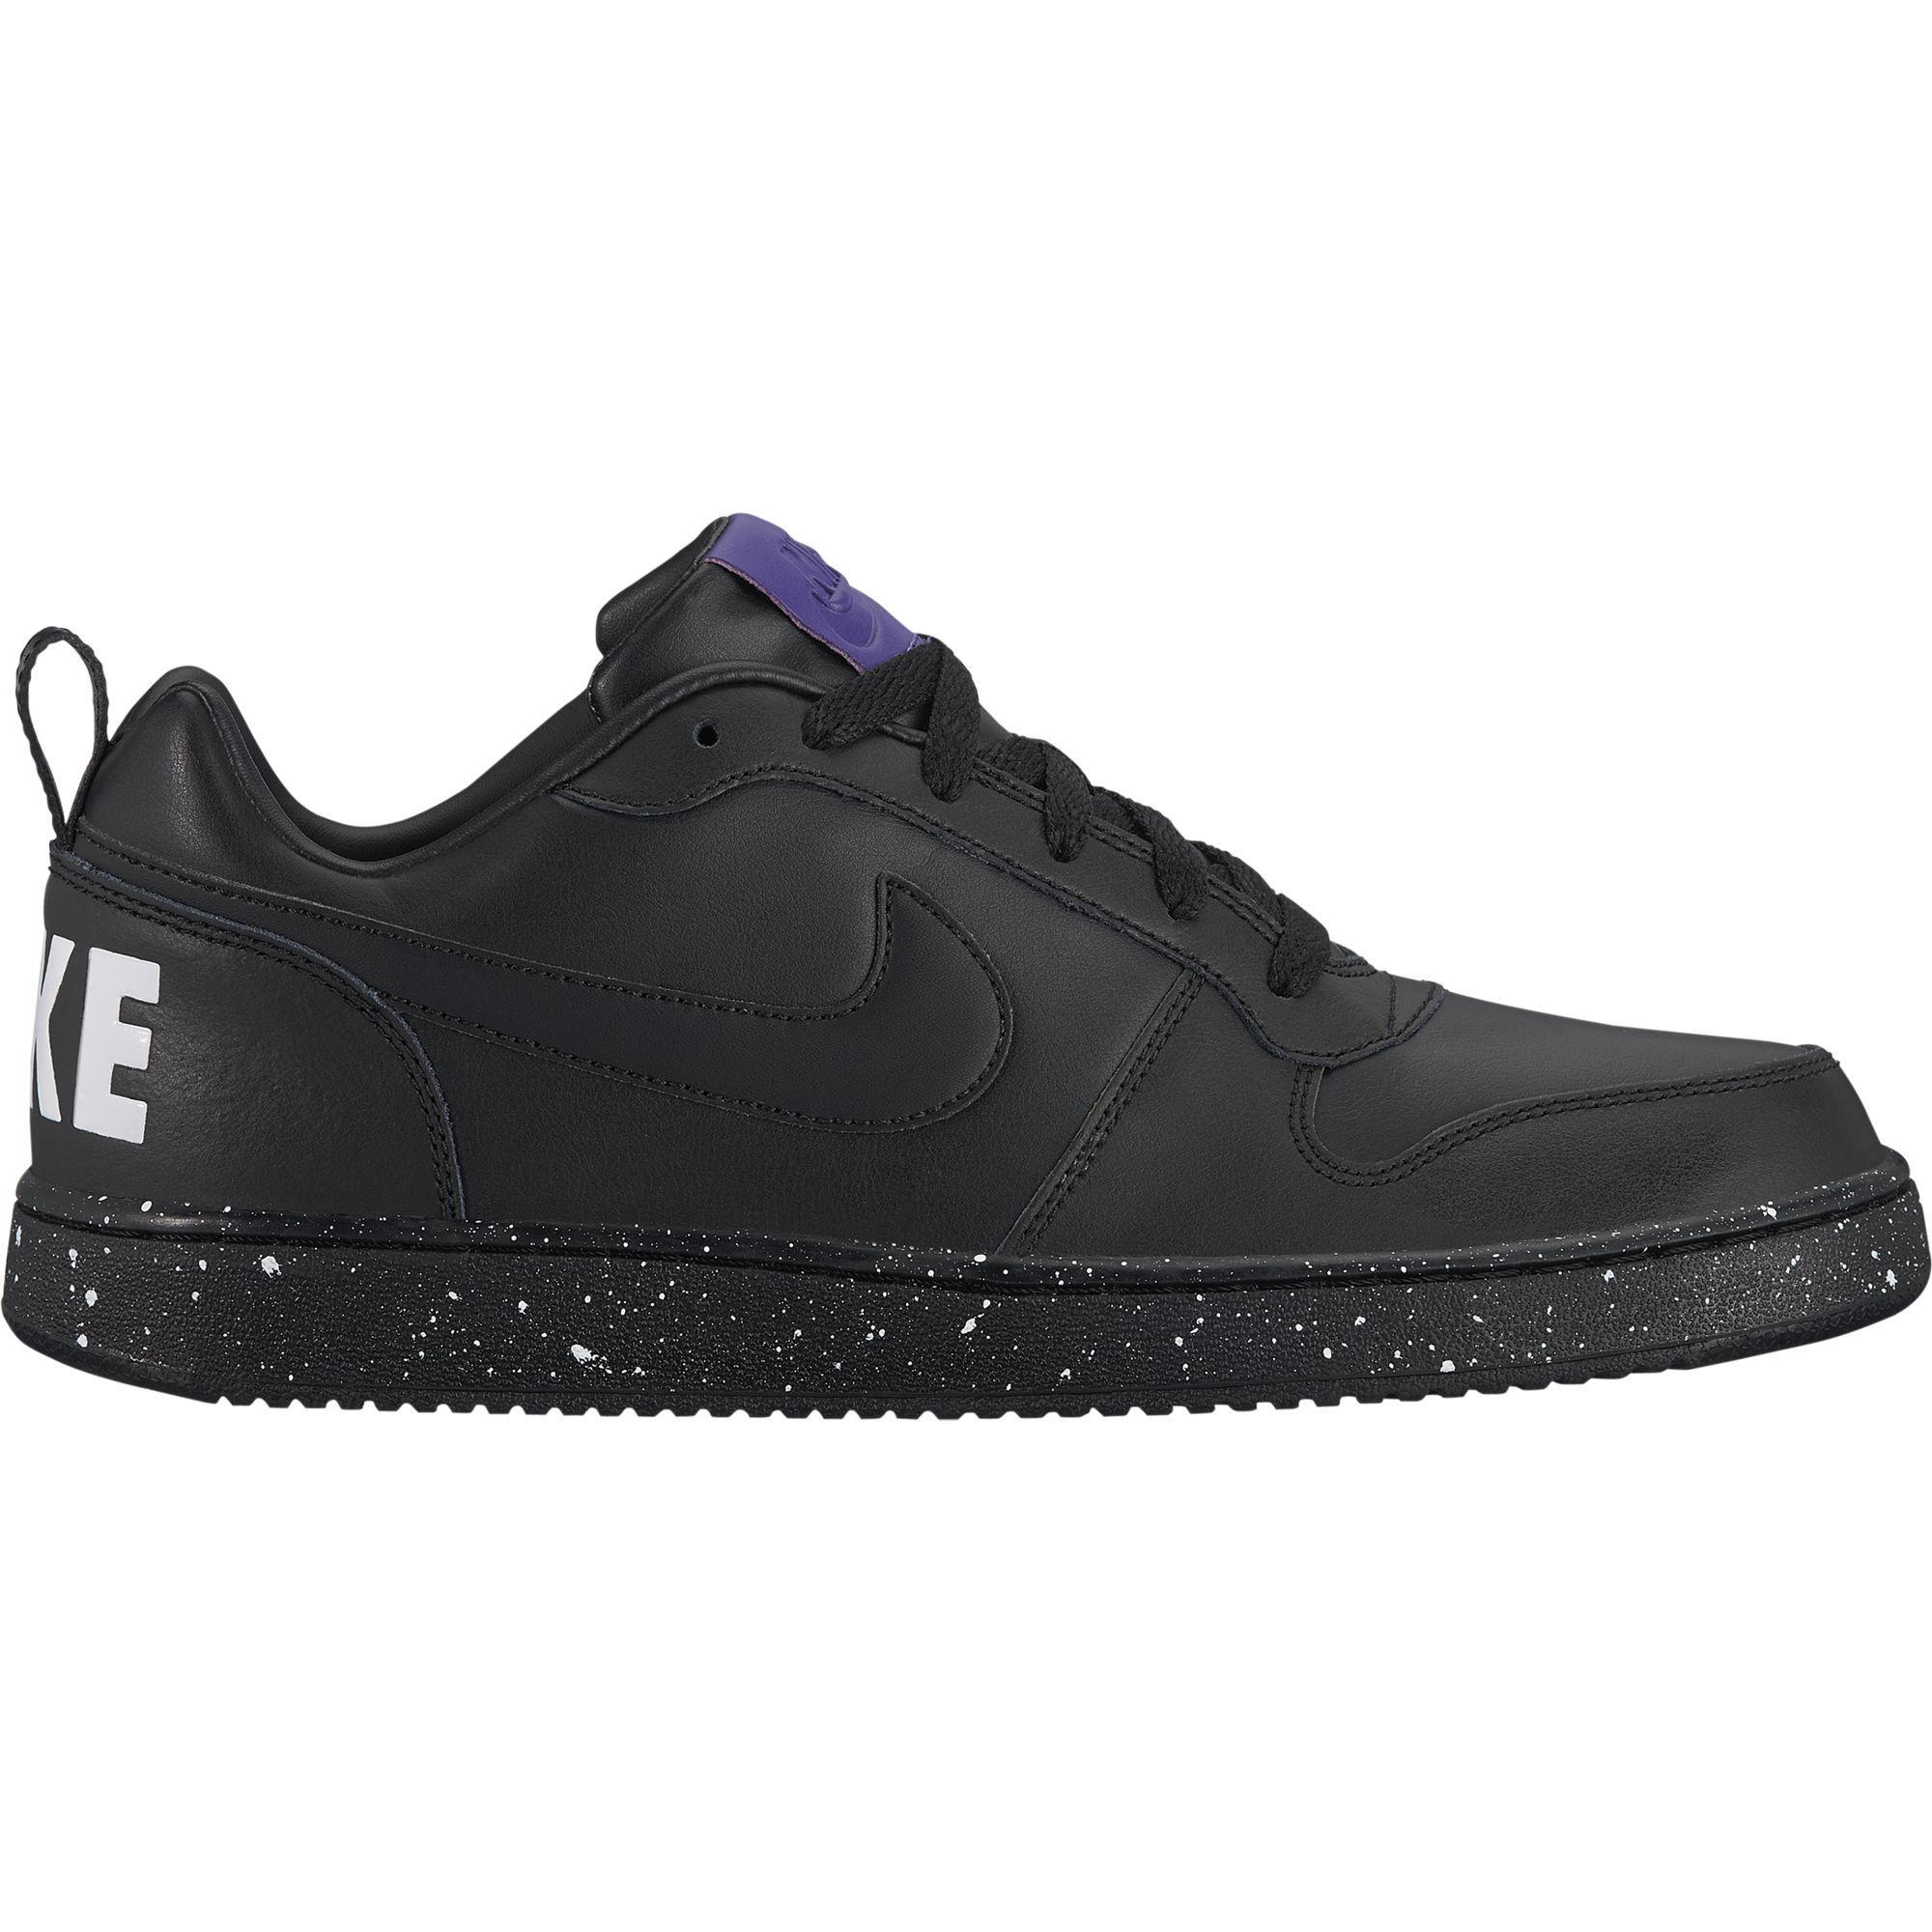 ca099df798 Nike Mens Court Borough Shoes - Black White - Tennisnuts.com